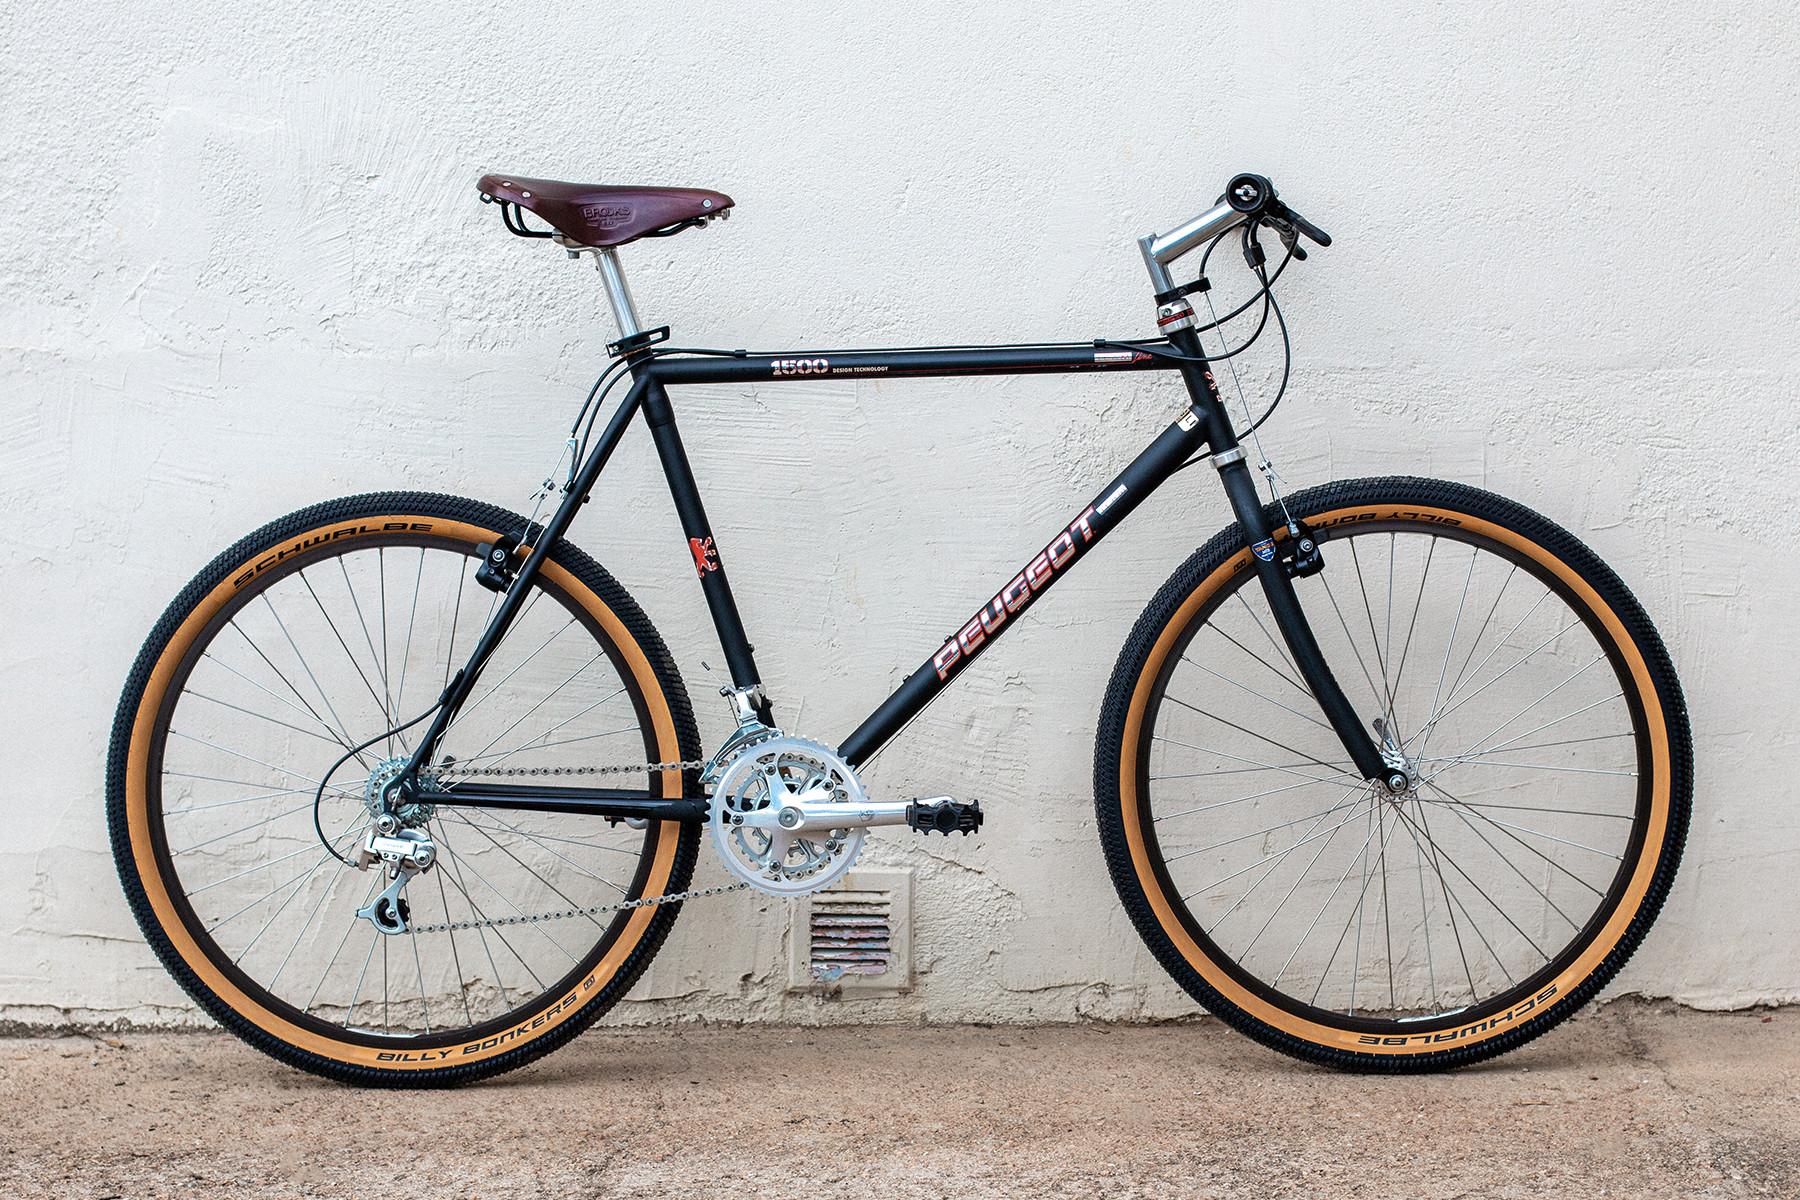 Peugeot Teamline 1500 (1994) by @raulgarciagili